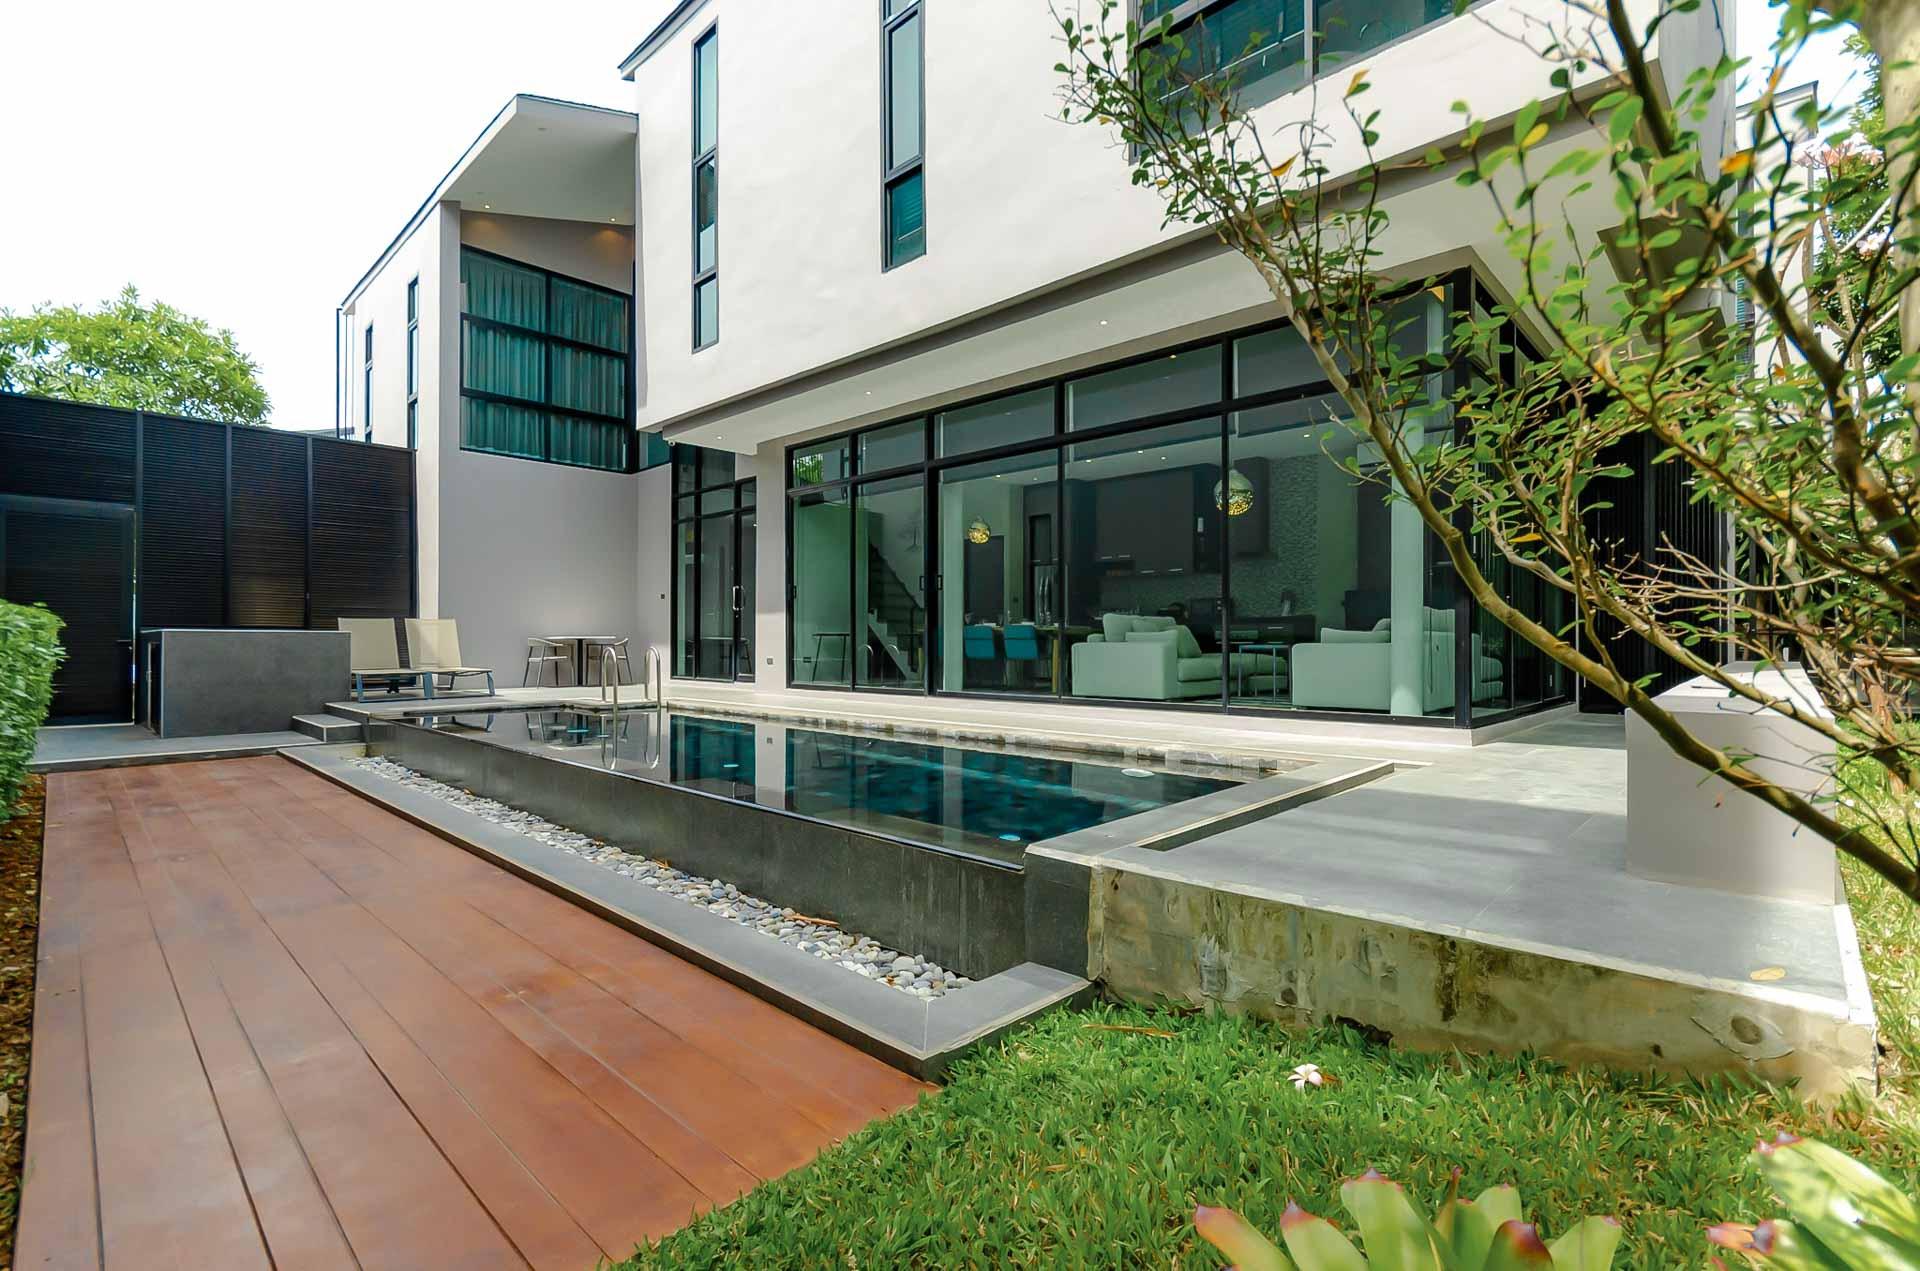 Harmony by Wallaya villas Concept